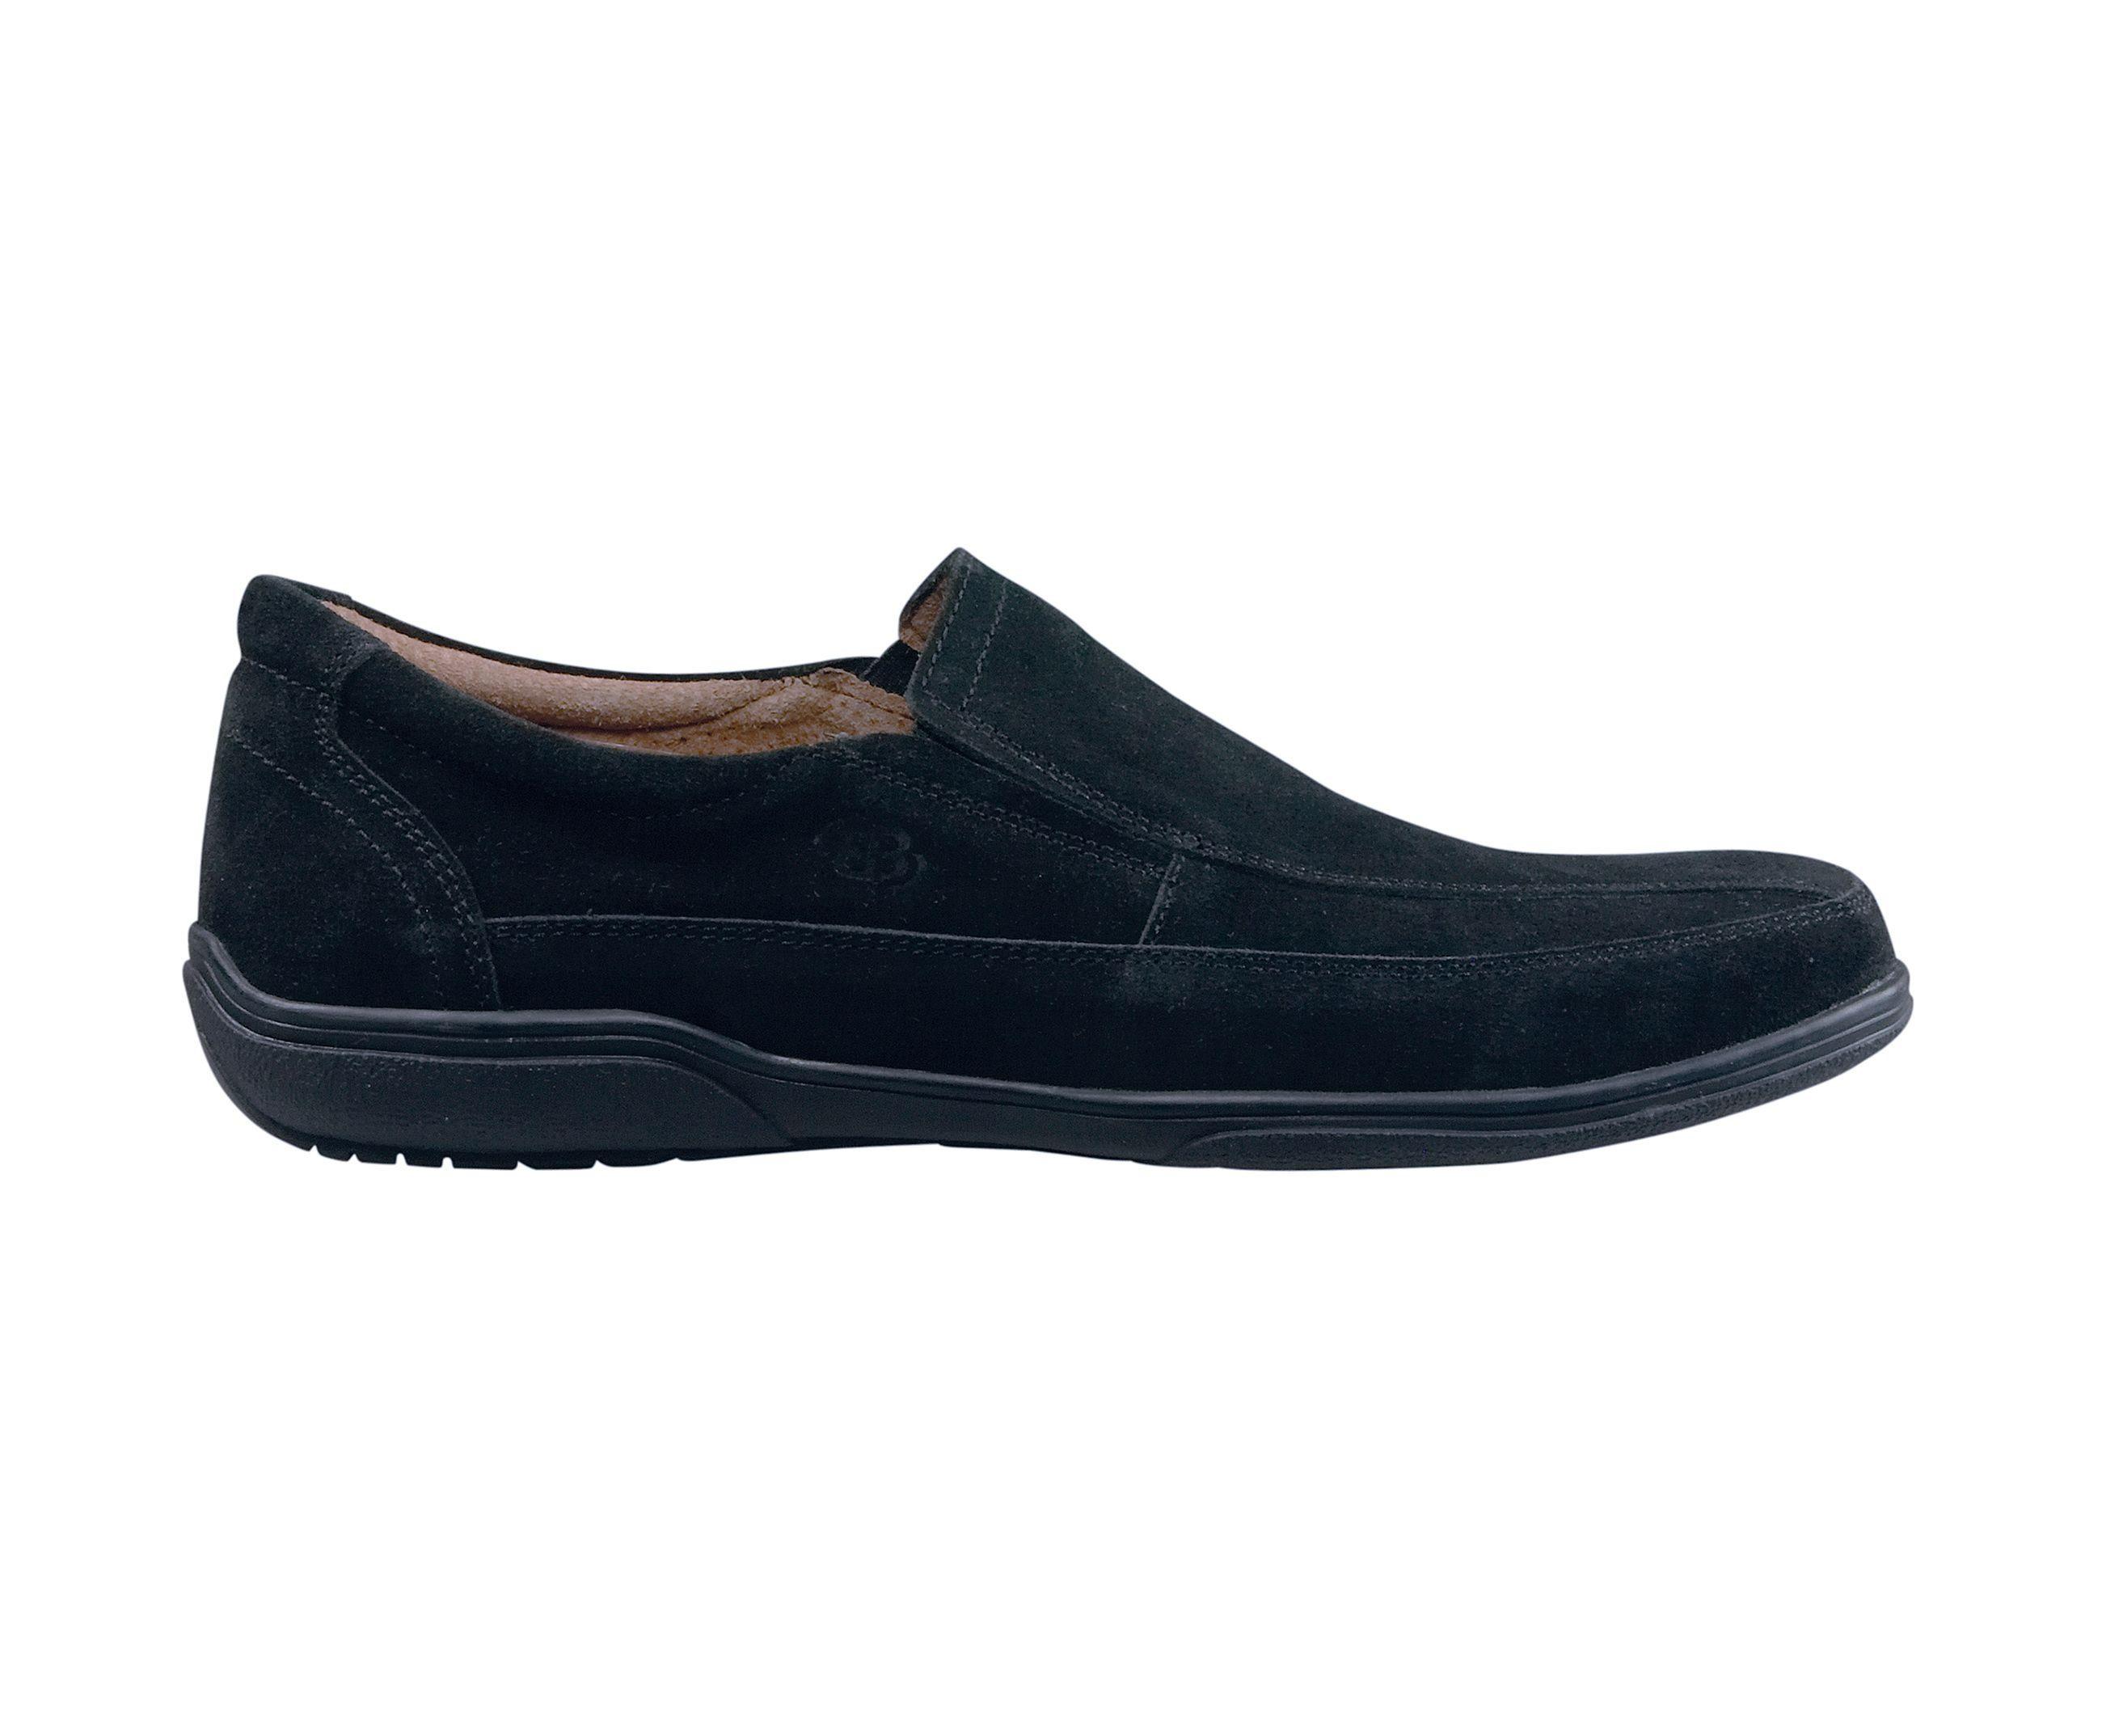 Bruetting Aruni Sneakers Hommes - Noir (noir), Taille: 40